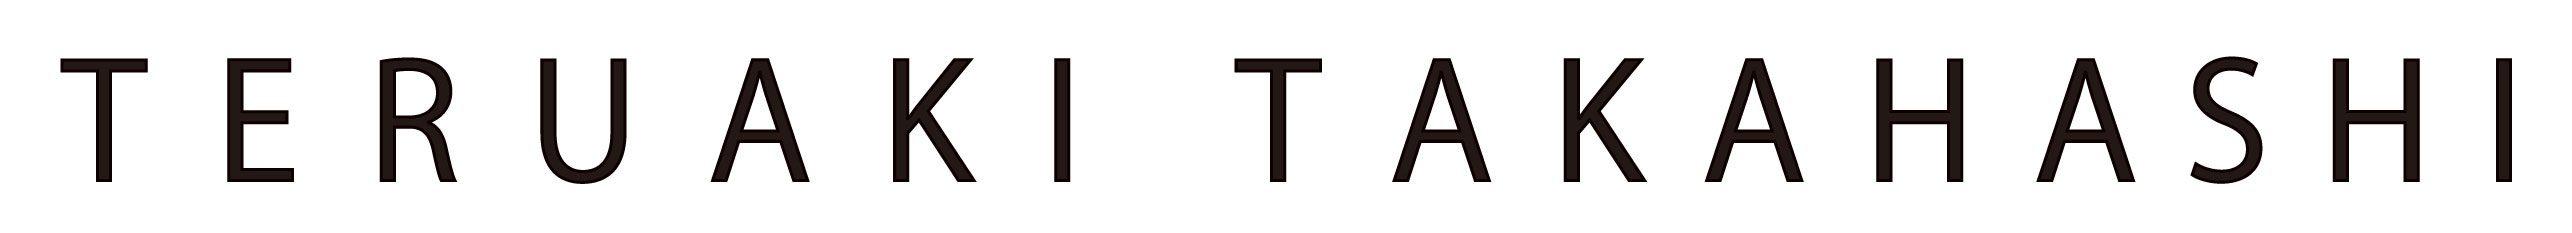 TERUAKI TAKAHASHI | Official  Brand Site